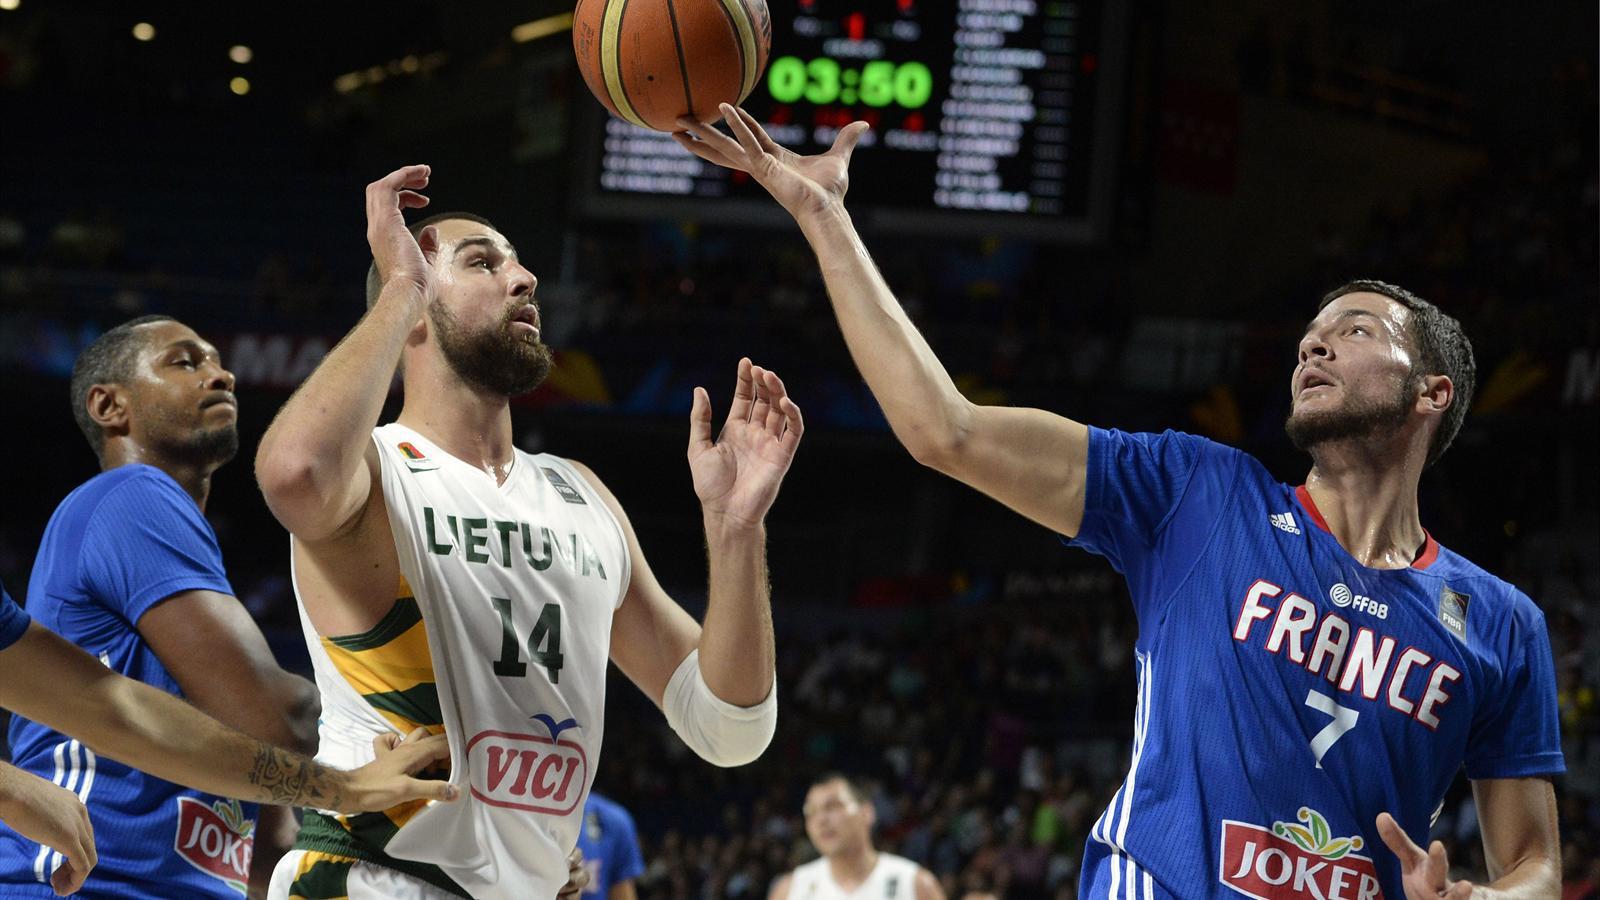 En direct live lituanie france coupe du monde 13 septembre 2014 eurosport - Live coupe de france basket ...